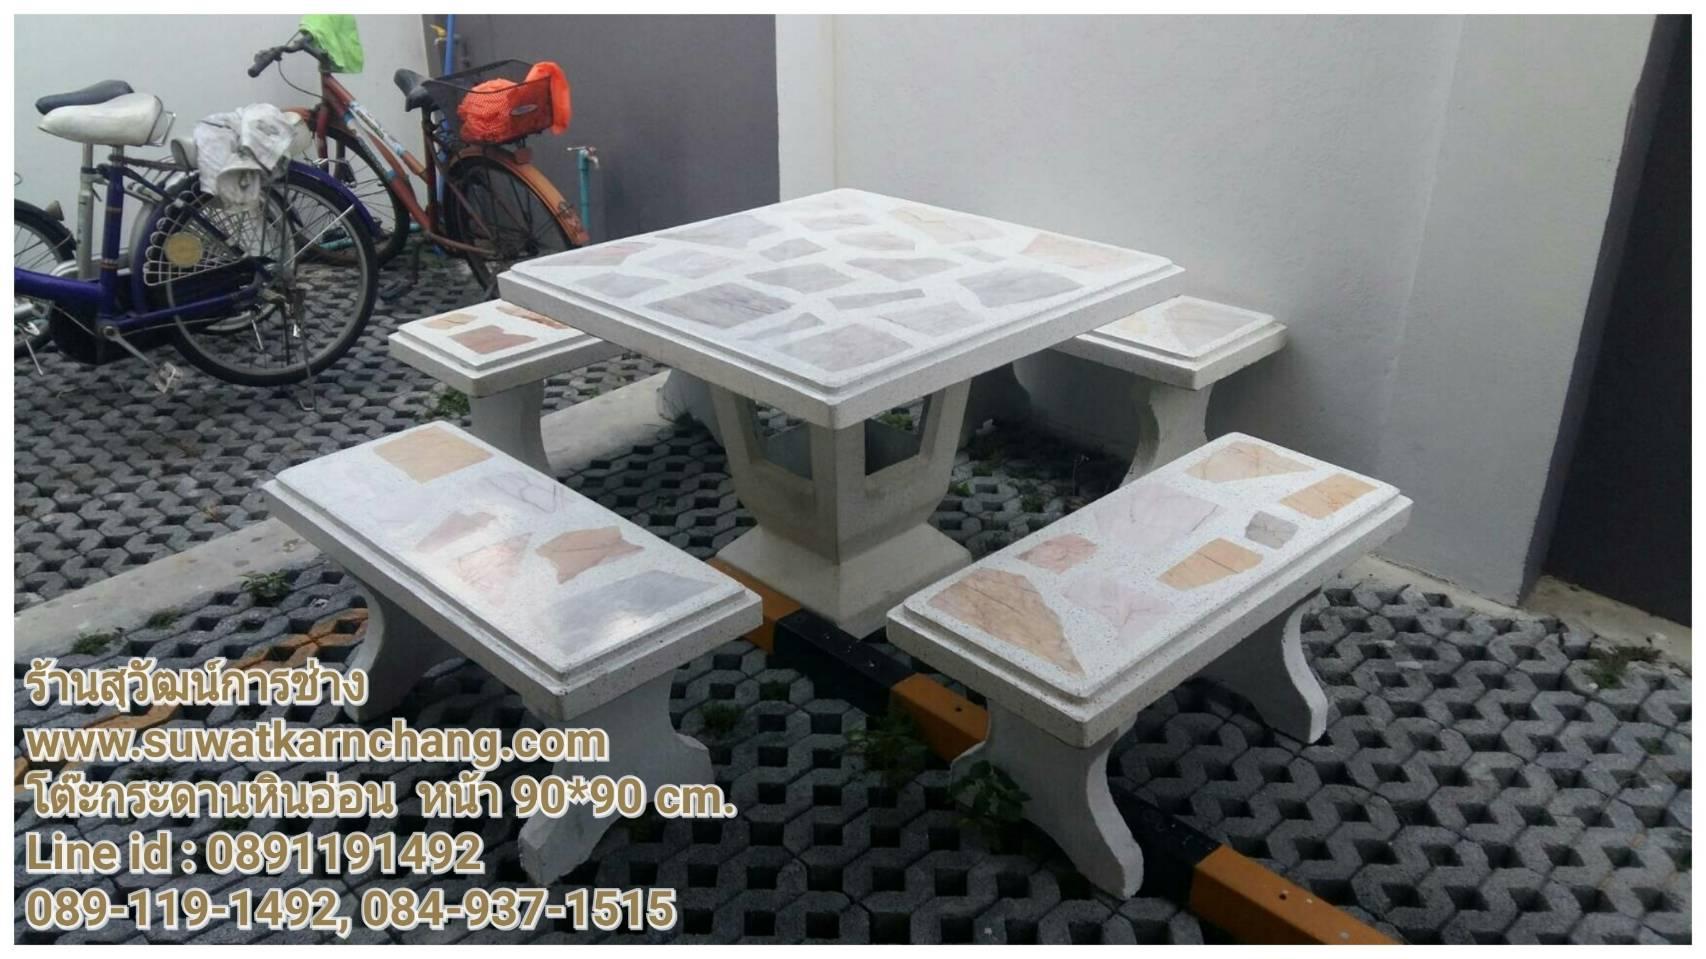 โต๊ะม้ากระดานหินอ่อน หน้า 90*90 ซม. ตัวนั่ง 4 ตัว